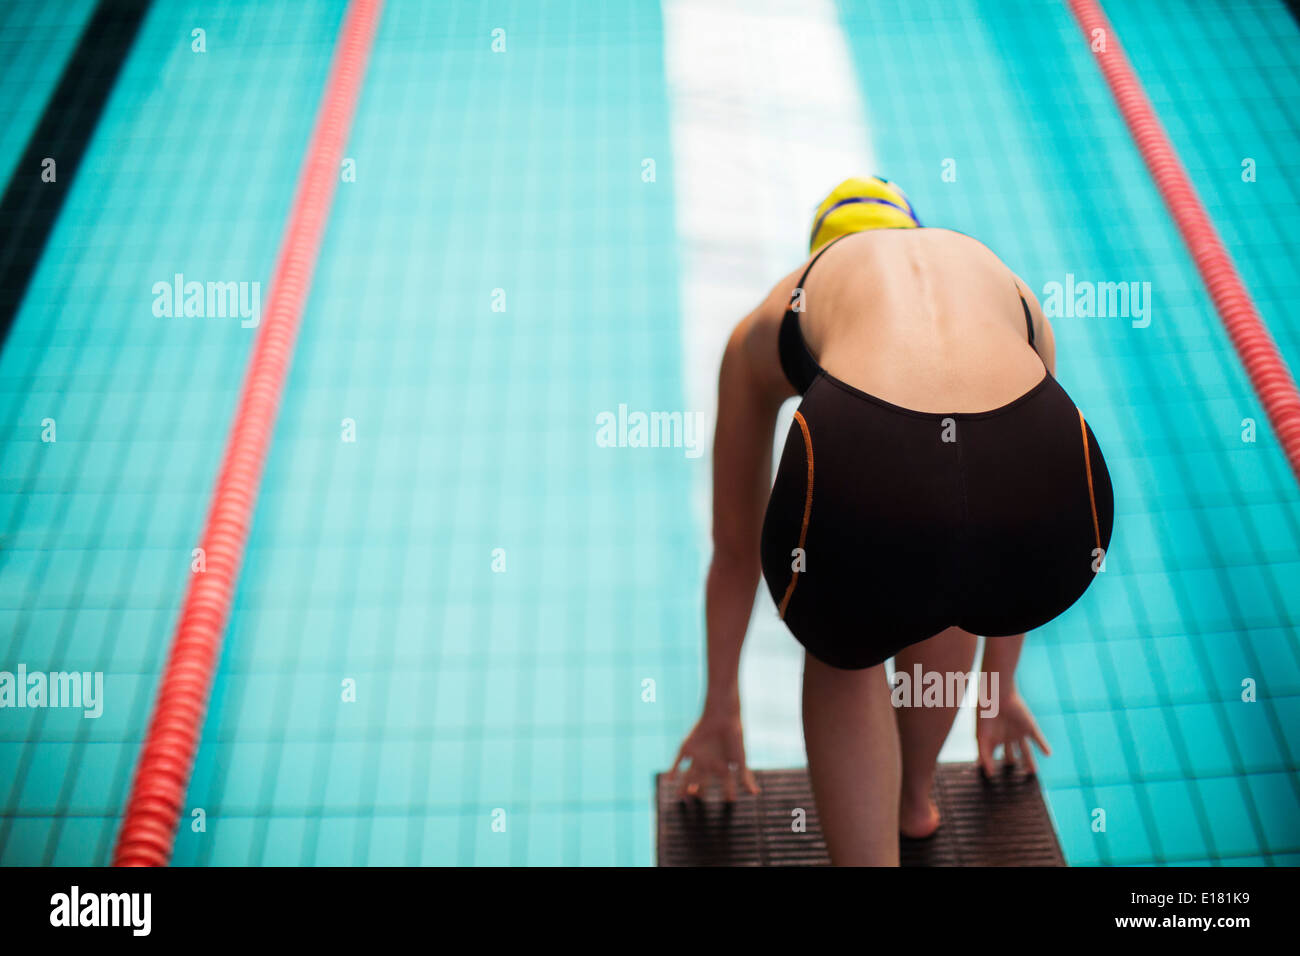 Nuotatore in bilico nel blocco di partenza sopra la piscina Immagini Stock